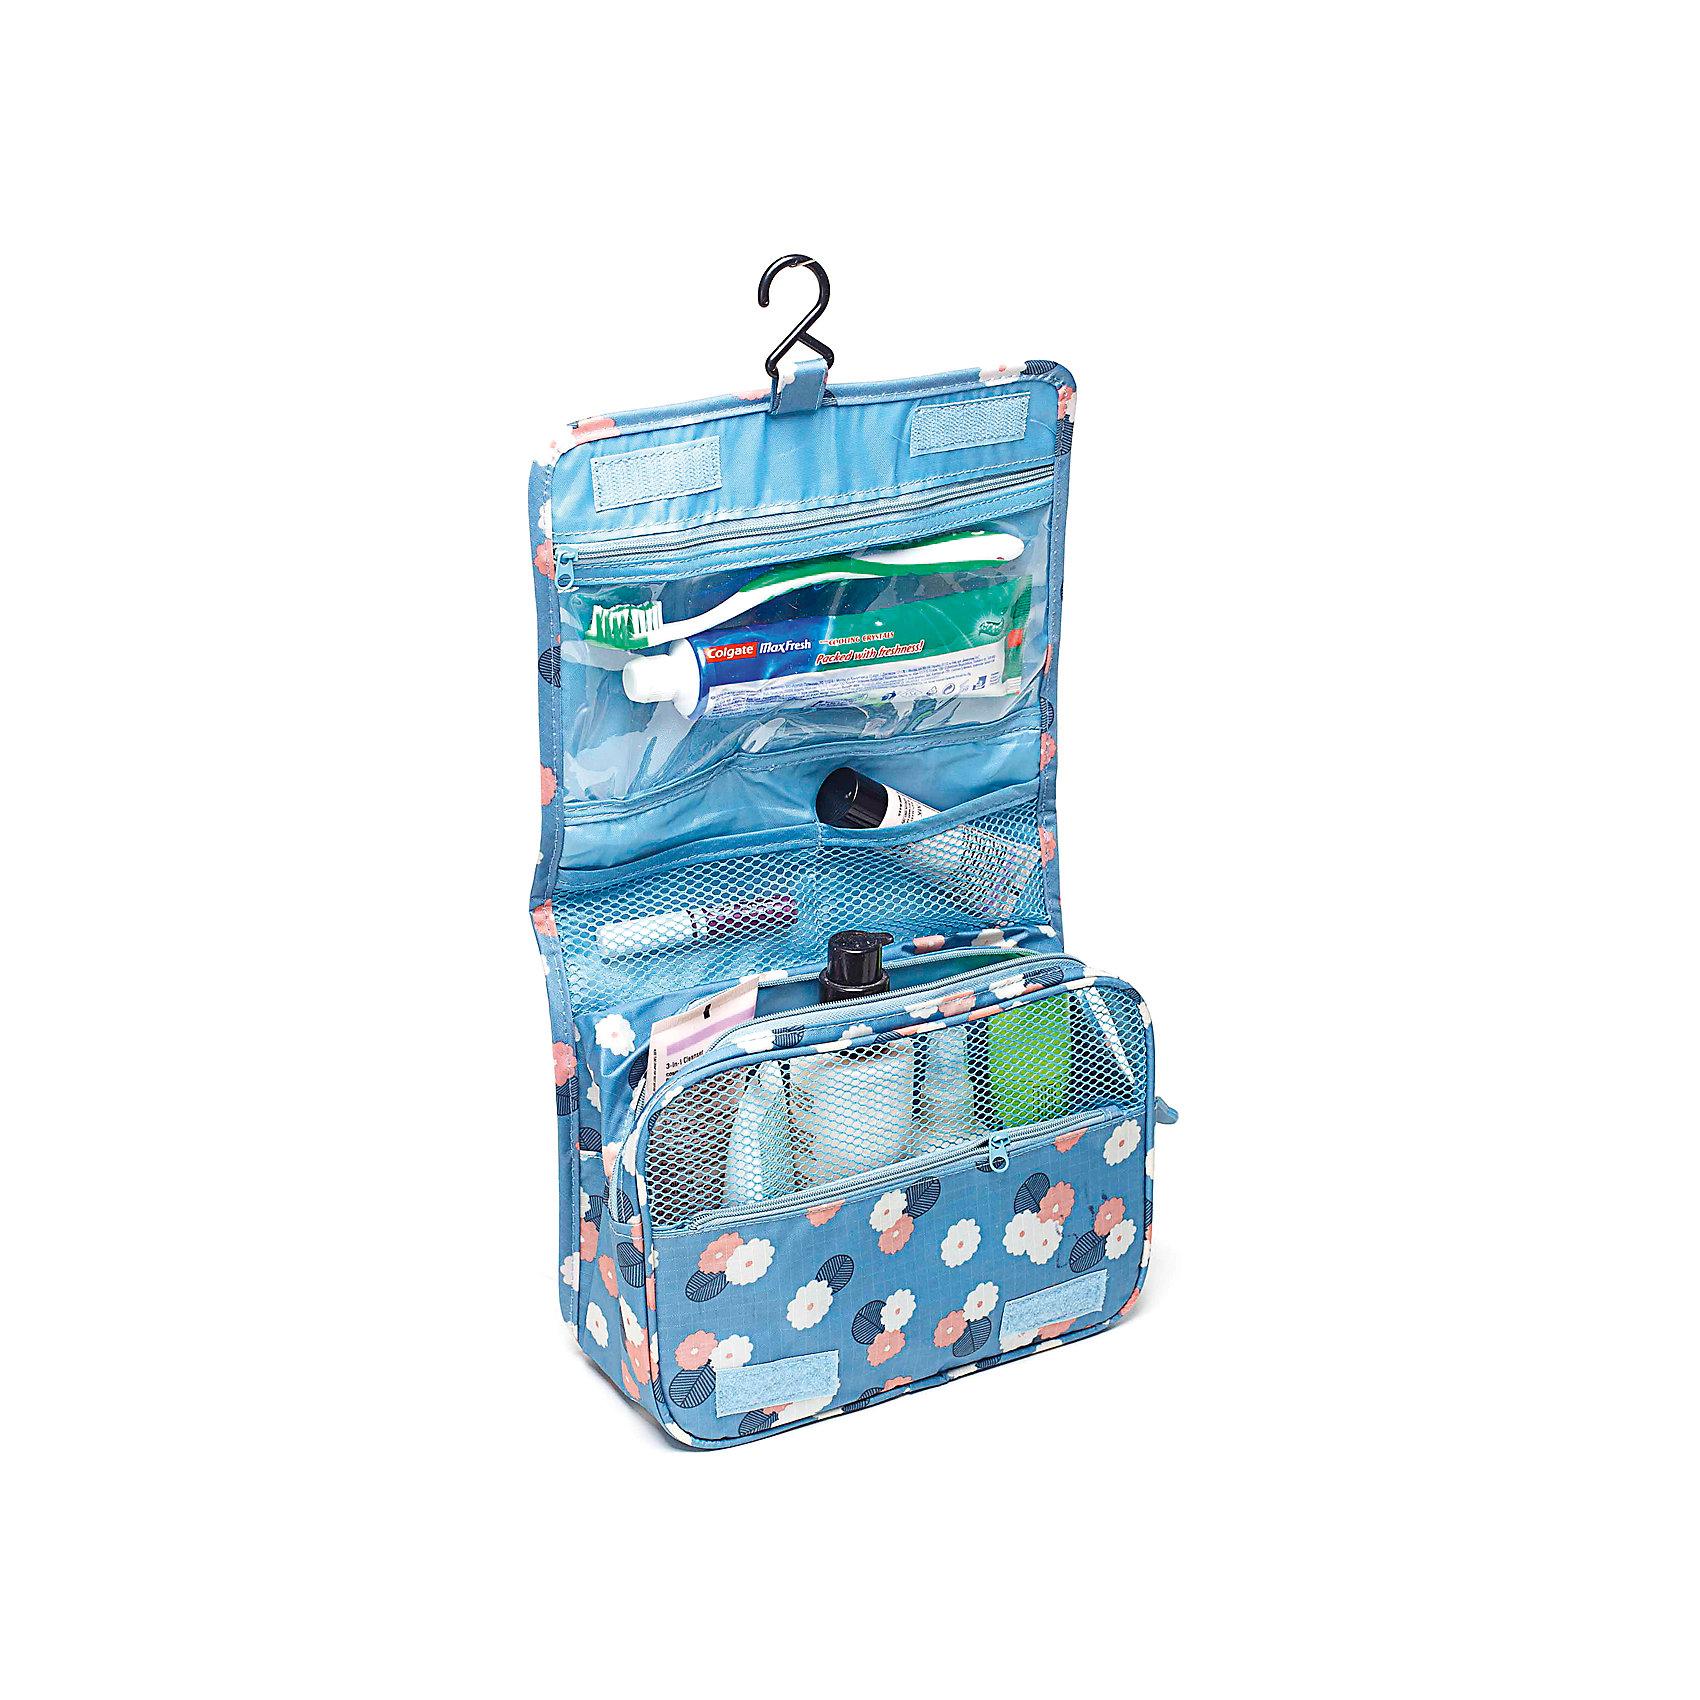 Органайзер в ванную подвесной Цветок, Homsu, синийВанная комната<br>Органайзер подвесной – это универсальное место для хранения вещей, с ним все нужное у вас будет под рукой. В таком органайзере, который обладает множеством кармашков и отделов, а также крючком для подвешивания, можно хранить различные предметы: белье, ванные принадлежности, аксессуары и прочие вещи. При необходимости органайзер можно сложить, закрыв сверху крышкой на двух липучках.<br><br>Ширина мм: 240<br>Глубина мм: 95<br>Высота мм: 185<br>Вес г: 200<br>Возраст от месяцев: 216<br>Возраст до месяцев: 1188<br>Пол: Унисекс<br>Возраст: Детский<br>SKU: 5620290